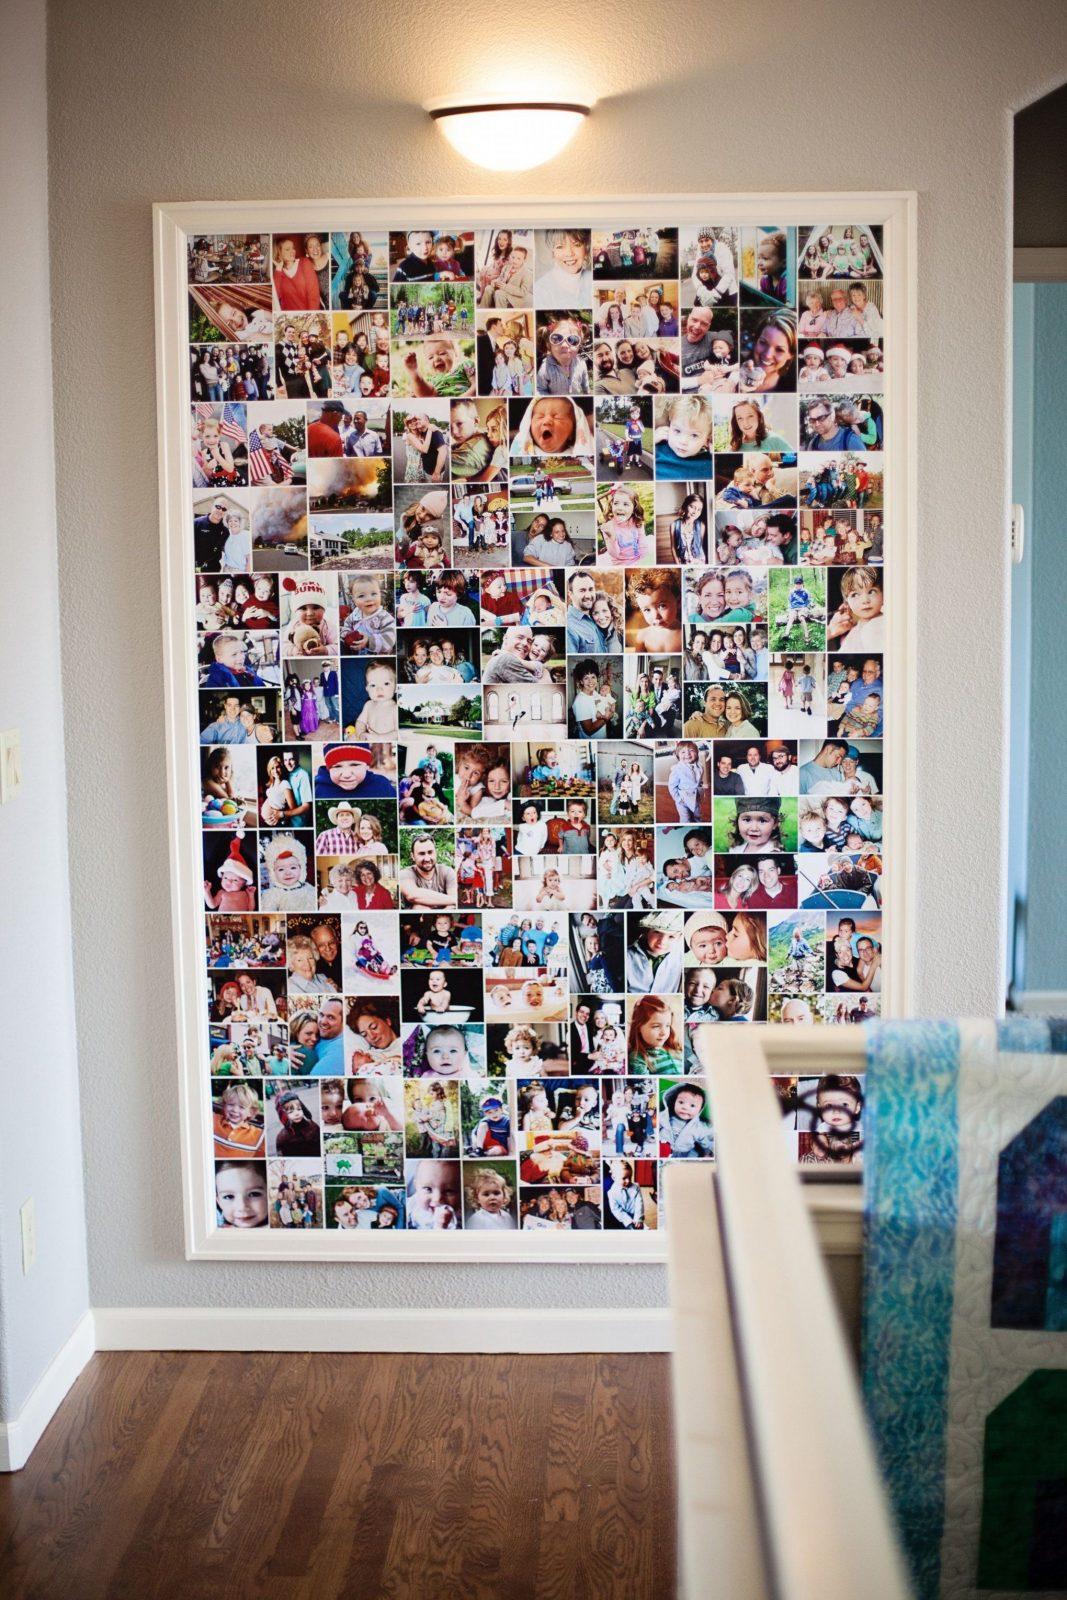 Fotos Fotocollage Im Riesenbilderrahmen Fur Schone Erinnerungen Von